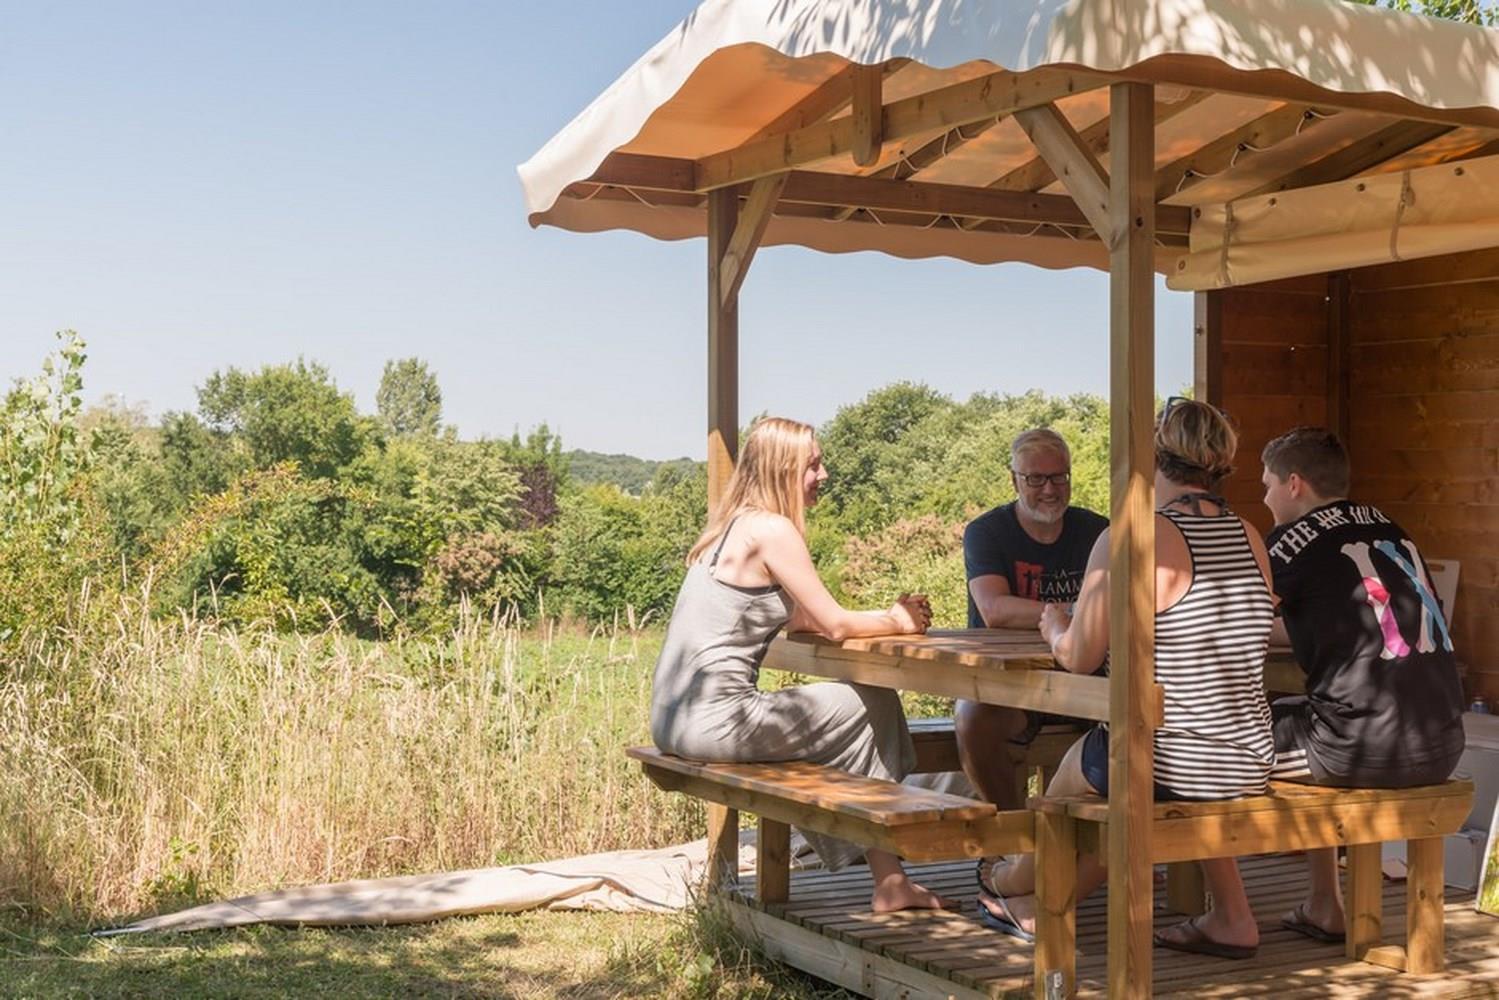 Emplacement - Emplacement Castel Premium- 130M² - Électricité 10A - Eau - Wifi Gratuit - Frigo - Bbq - Meubles De Jardin - Camping Castel Le Camp de Florence